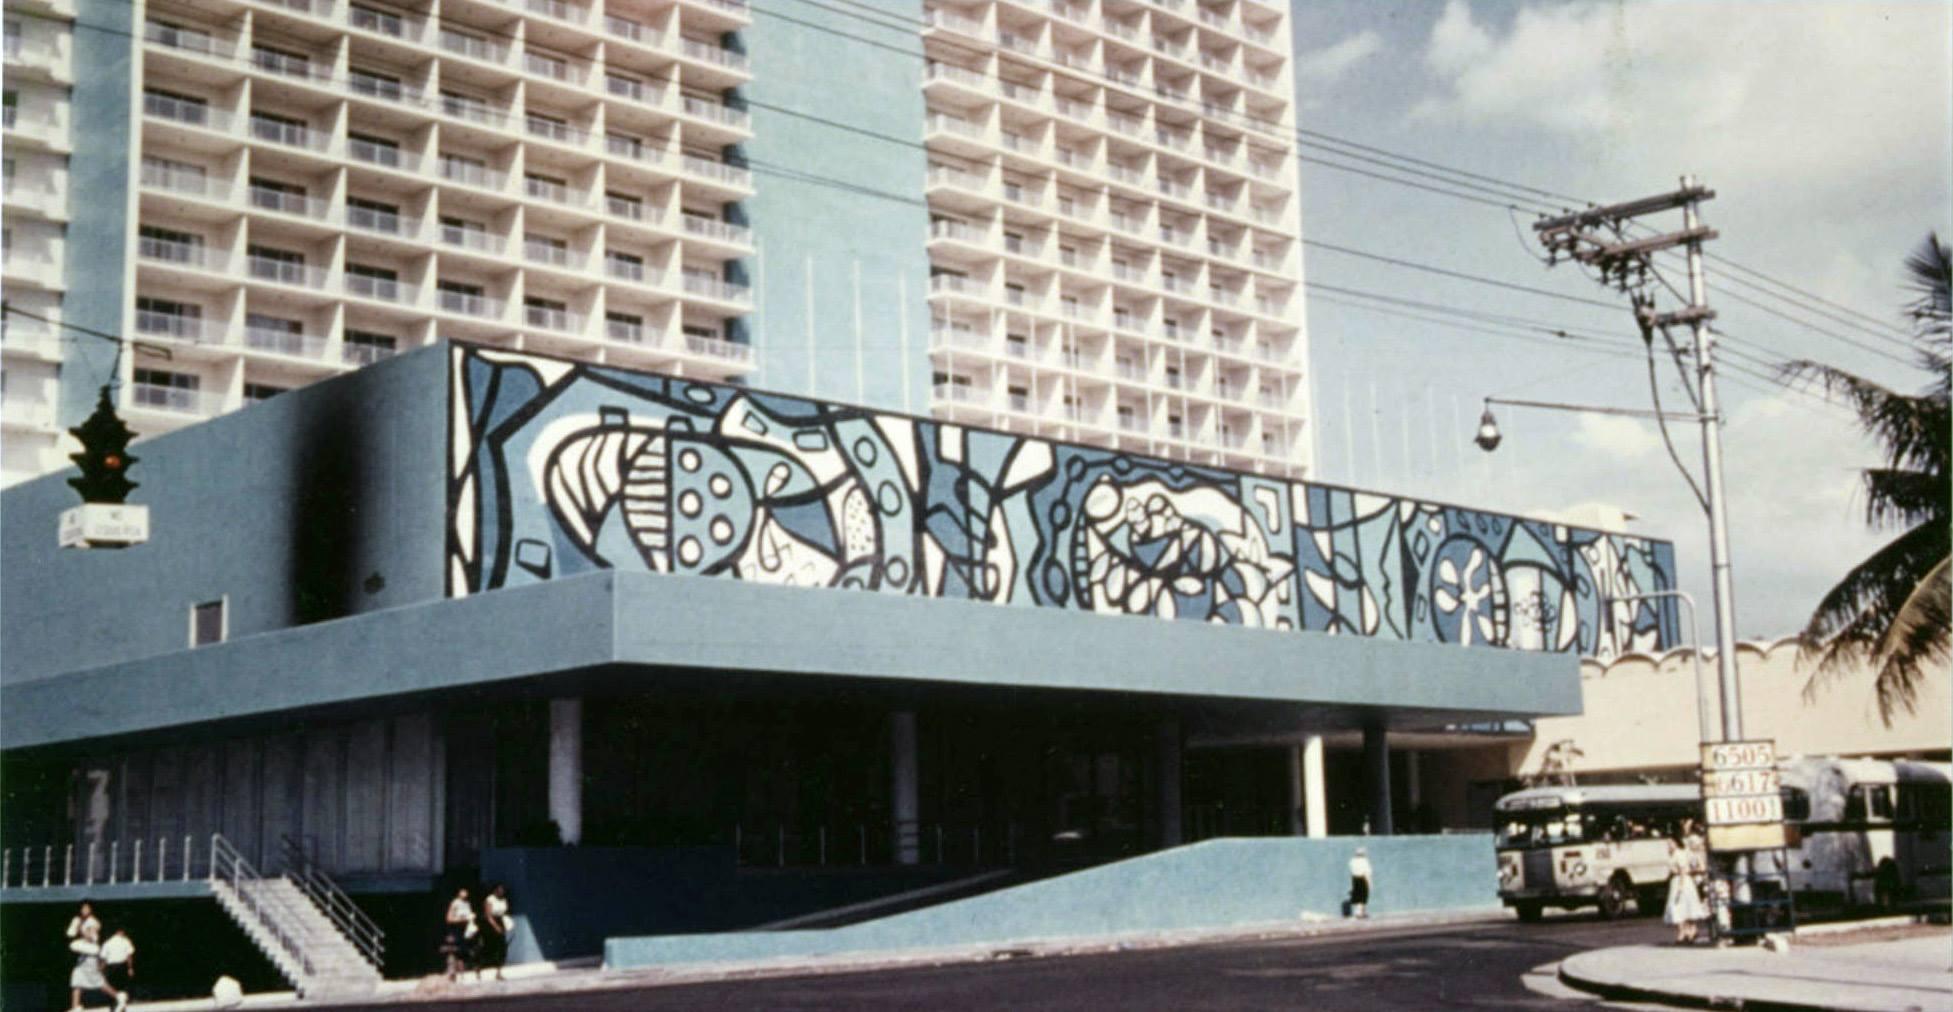 Habana Hilton (Habana Libre), ca. 1958.